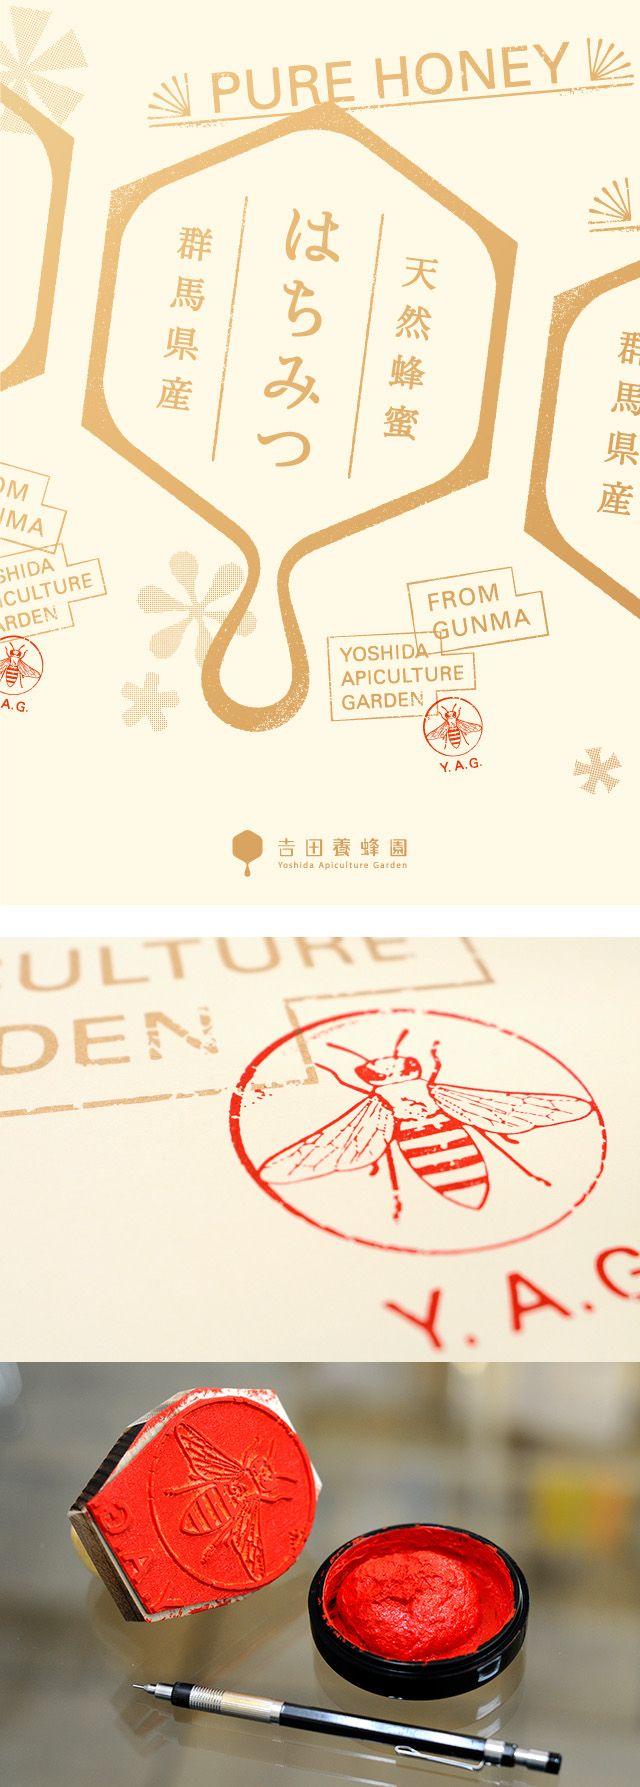 吉田養蜂園イメージポスター : ロゴ | ロゴマーク | 会社ロゴ|CI | ブランディング | 筆文字 | 大阪のデザイン事務所 |cosydesign.com